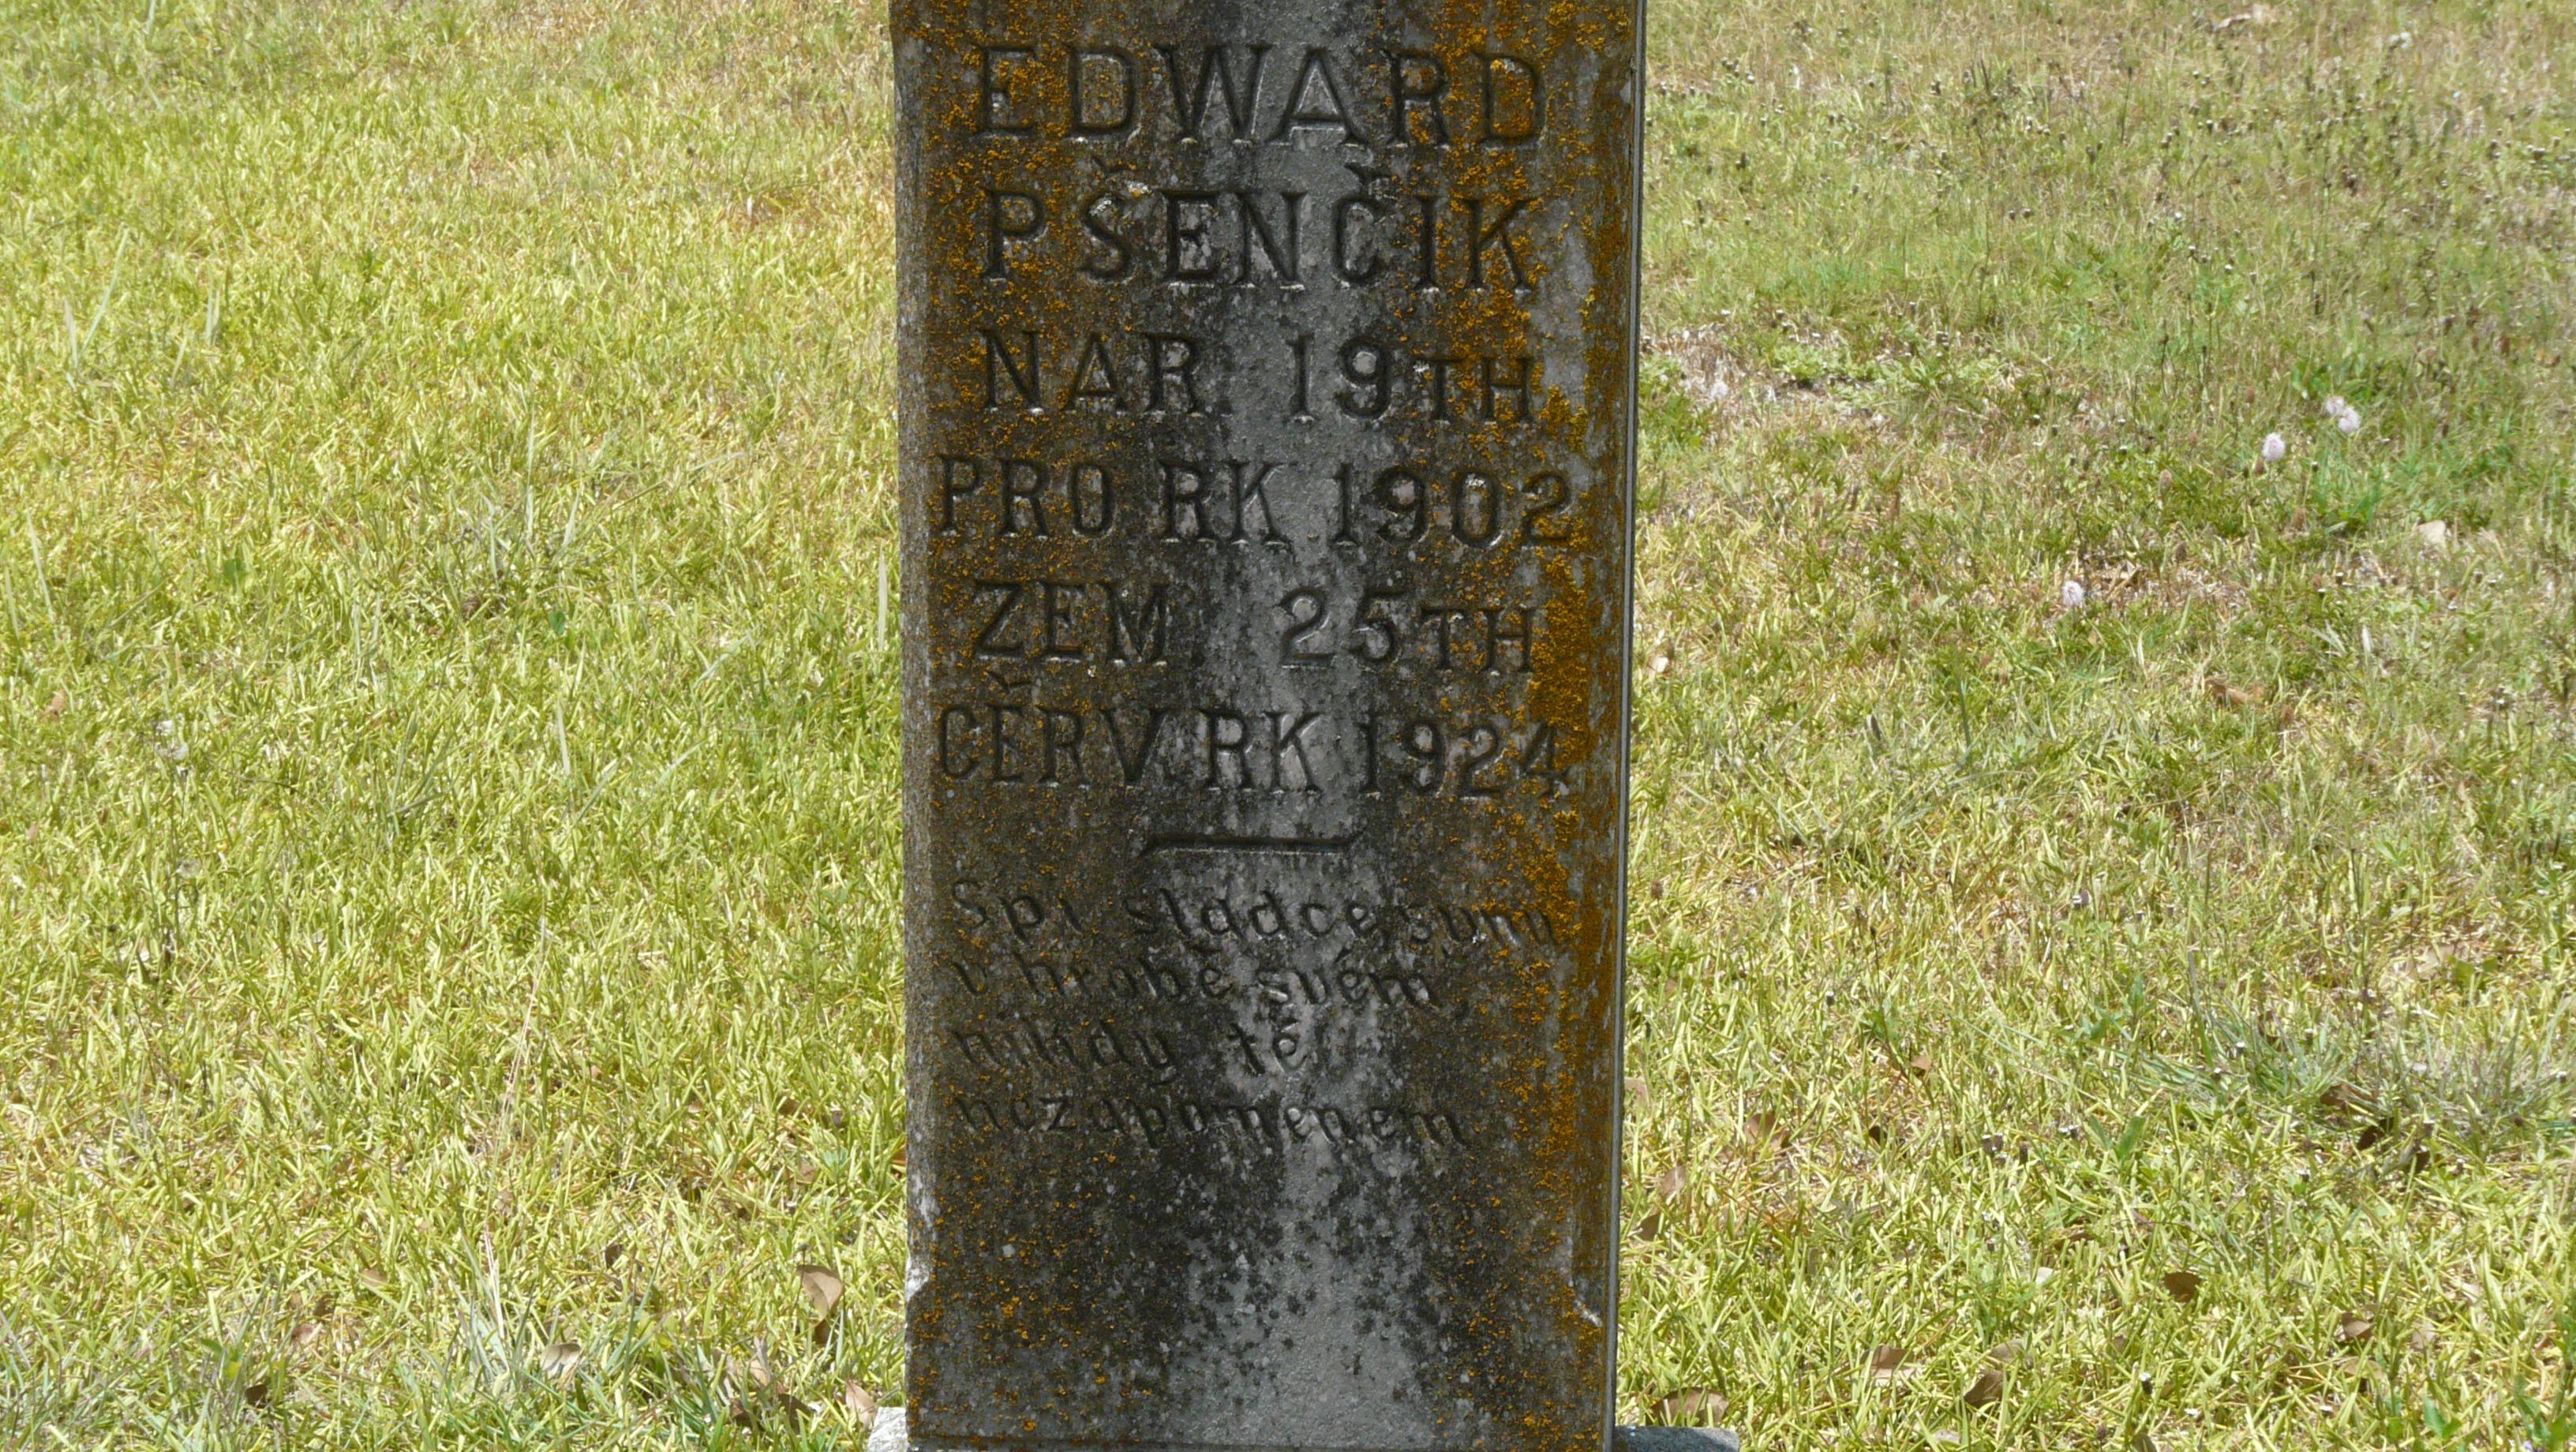 Edward Psencik